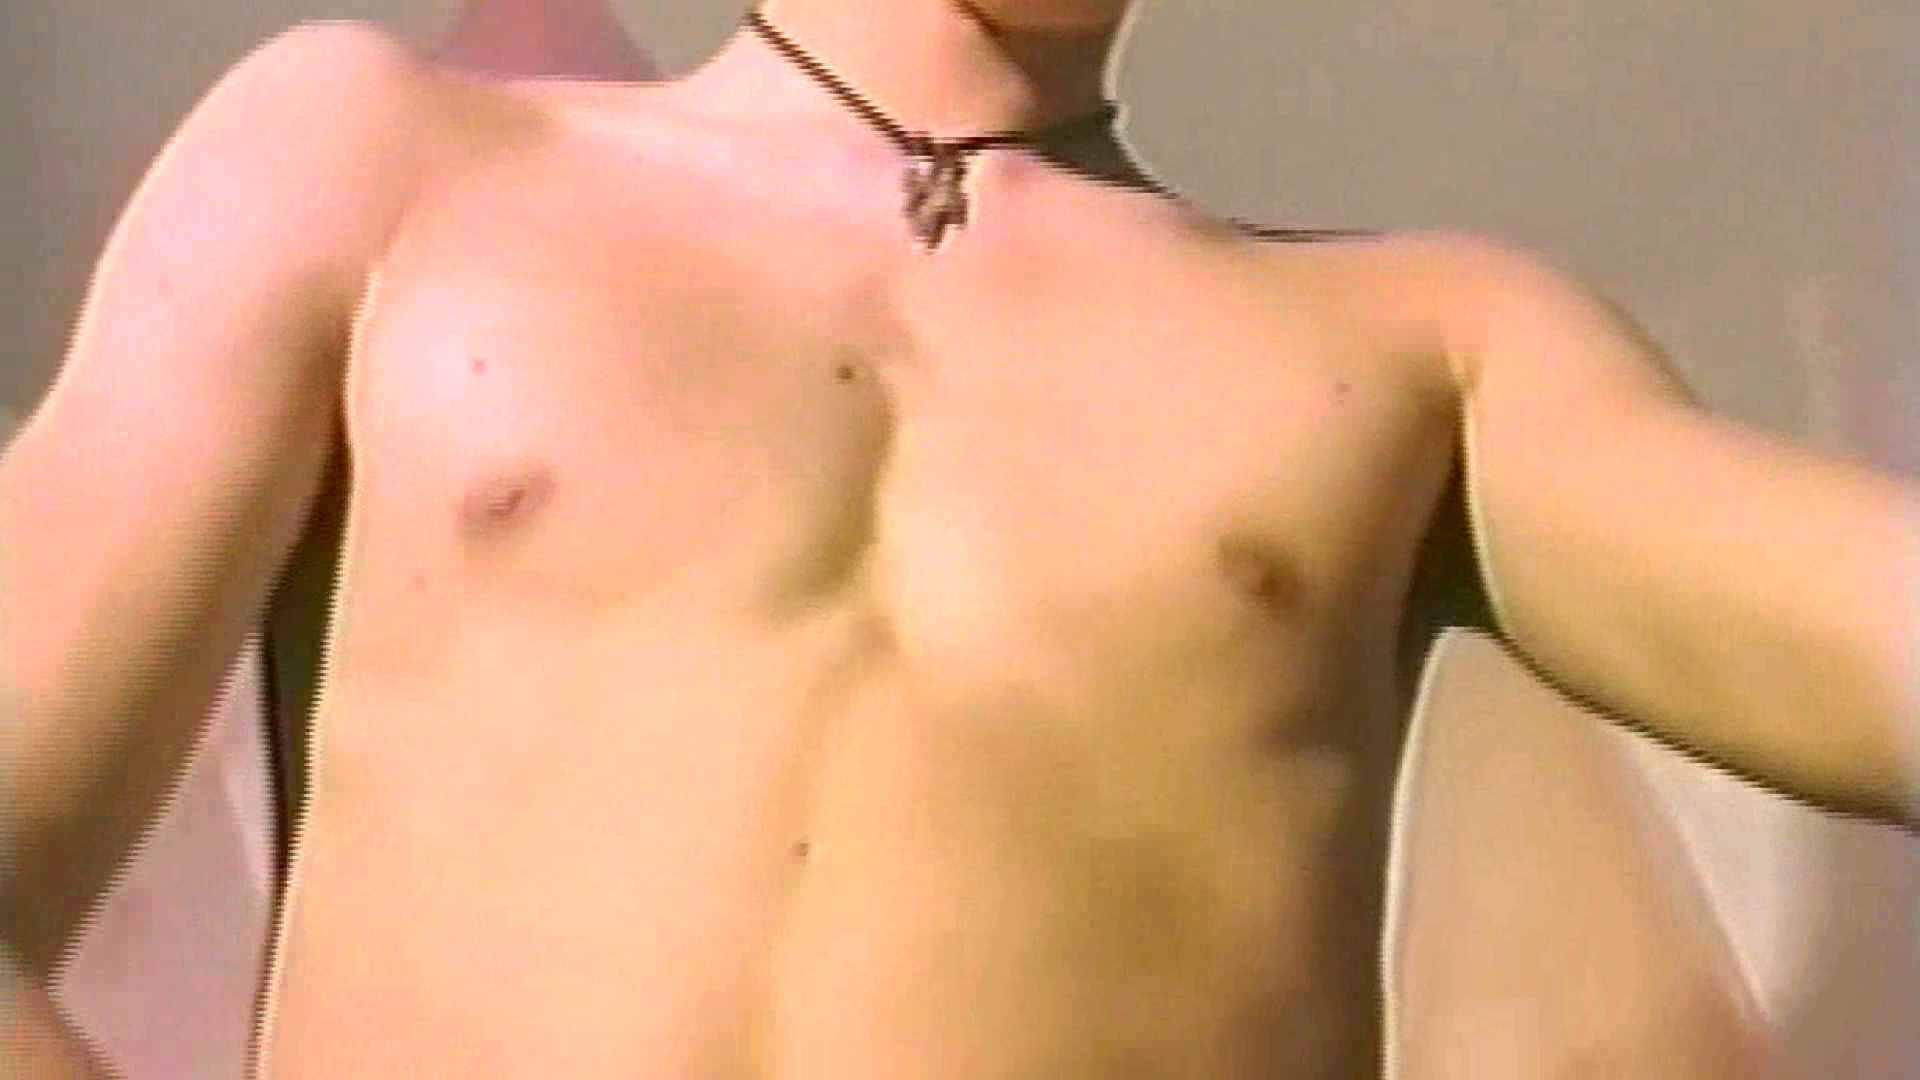 ゲイ 肉棒 動画|みんなに可愛いがられる…たまりせん!|アナル